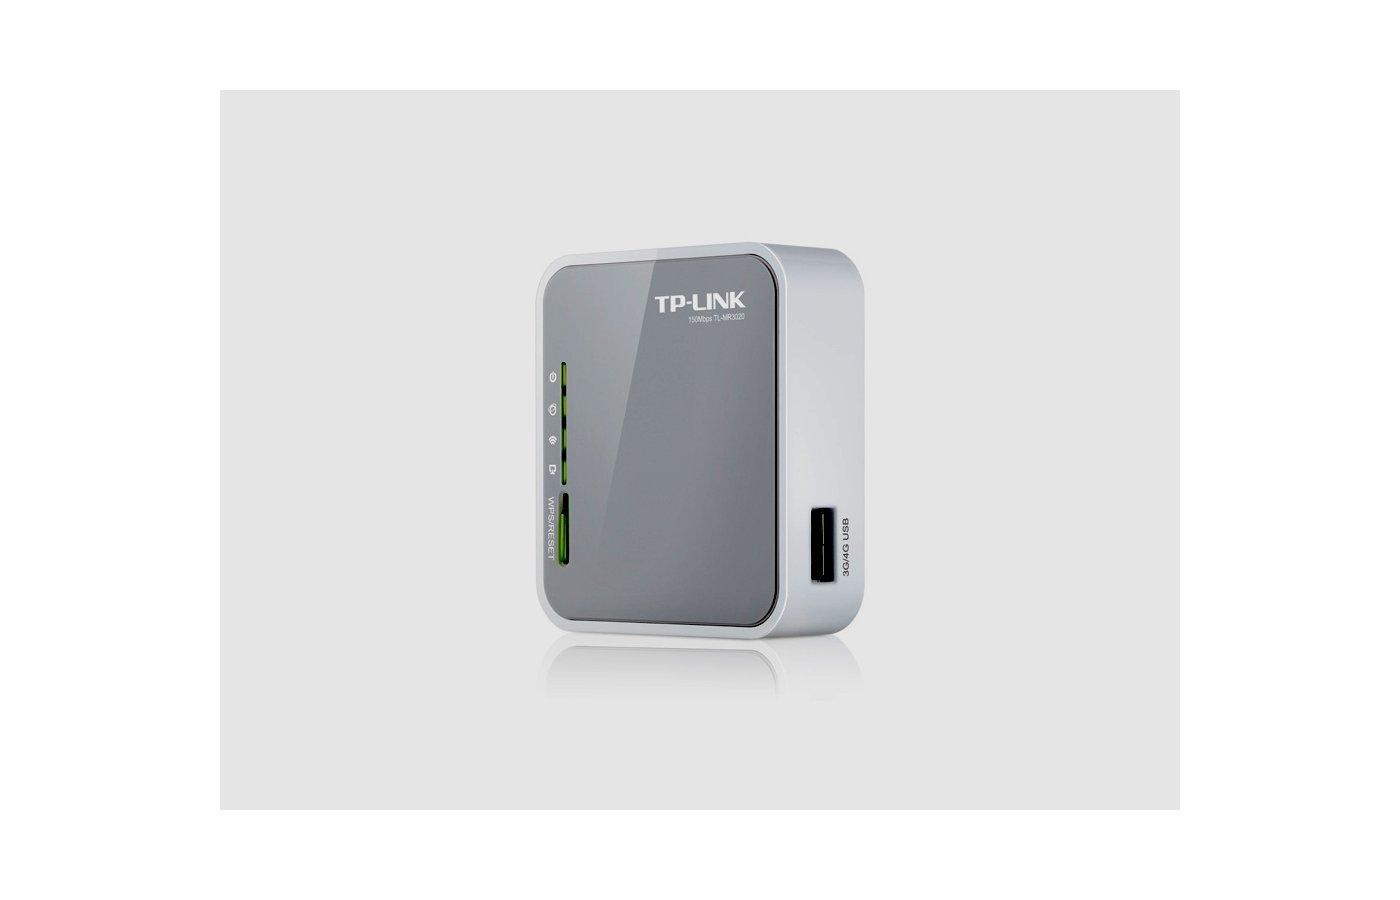 Сетевое оборудование TP-Link TL-MR3020